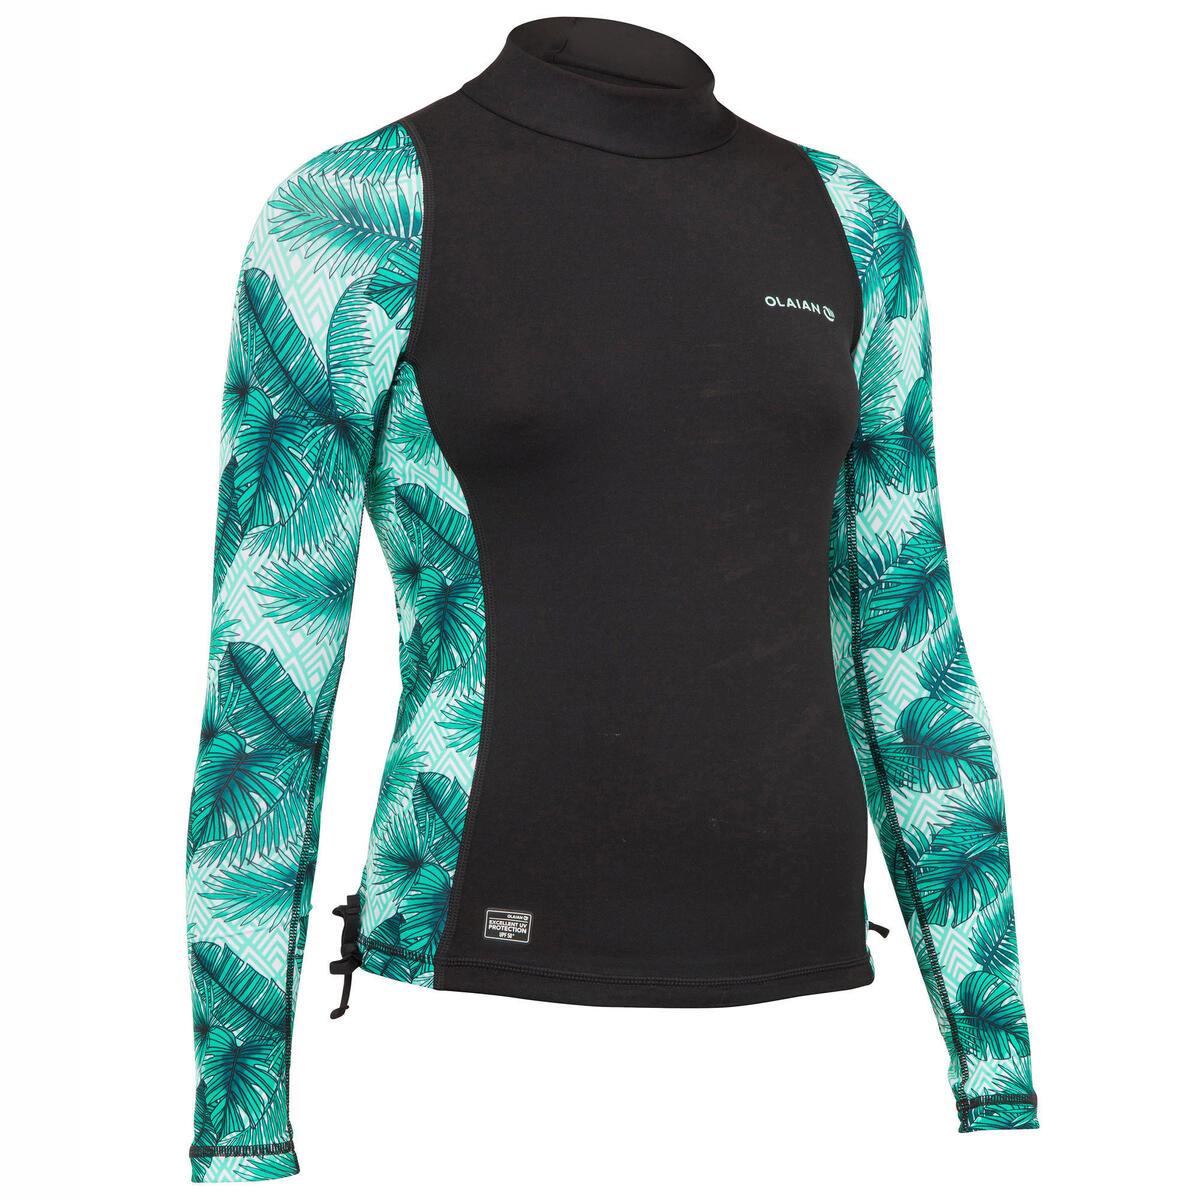 Bild 2 von UV-Shirt Langarm UV-Top 500 Aisau Kinder Mädchen schwarz/grün